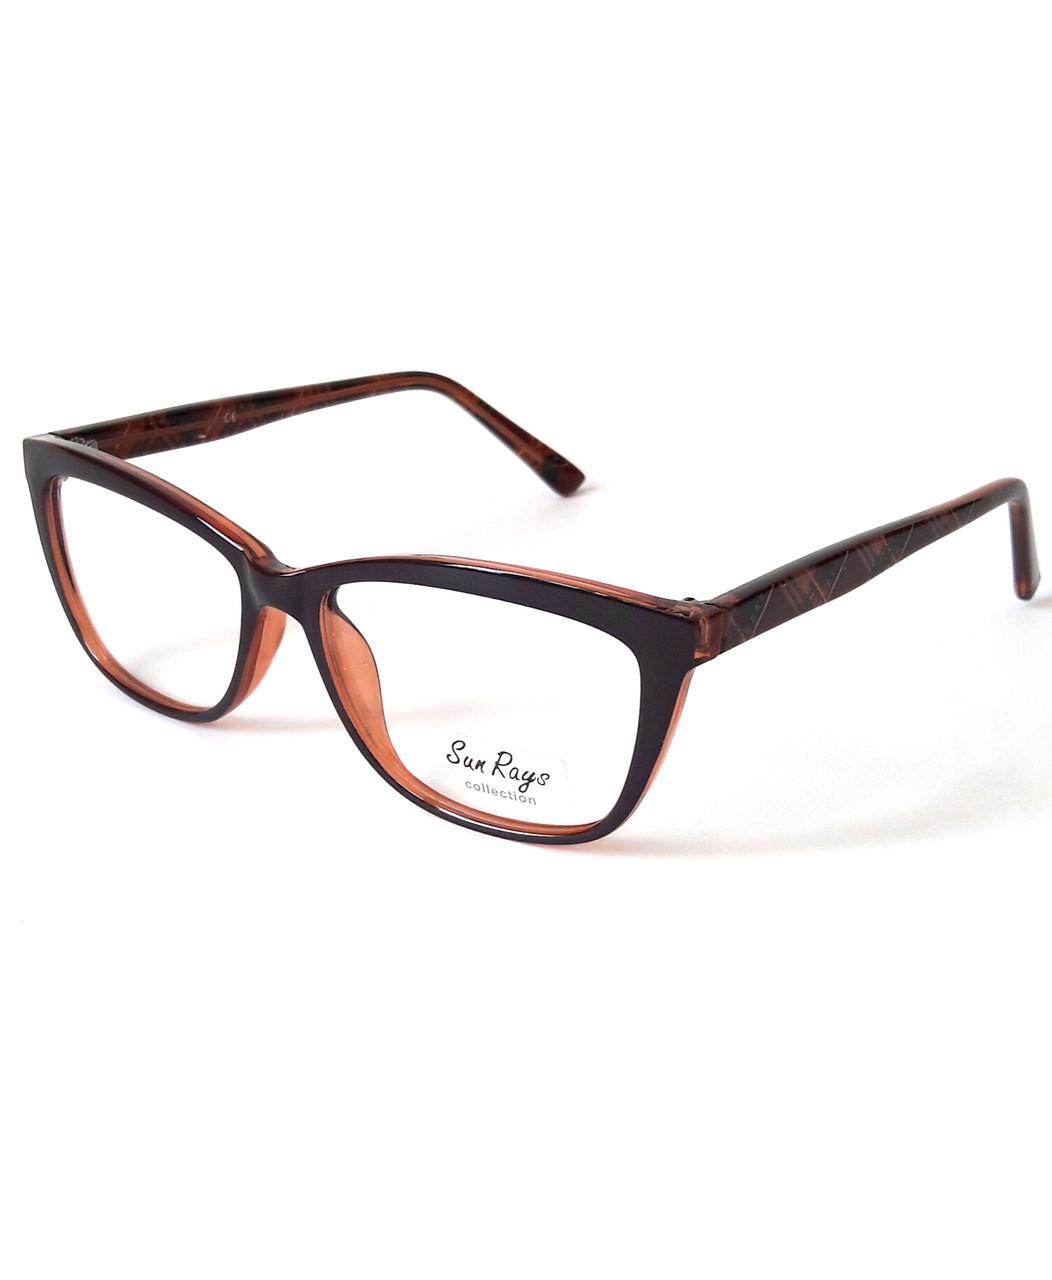 Оправа двоколірна, ошатна, коричнево-вишнева, пластикова, жіноча, Sun Rays